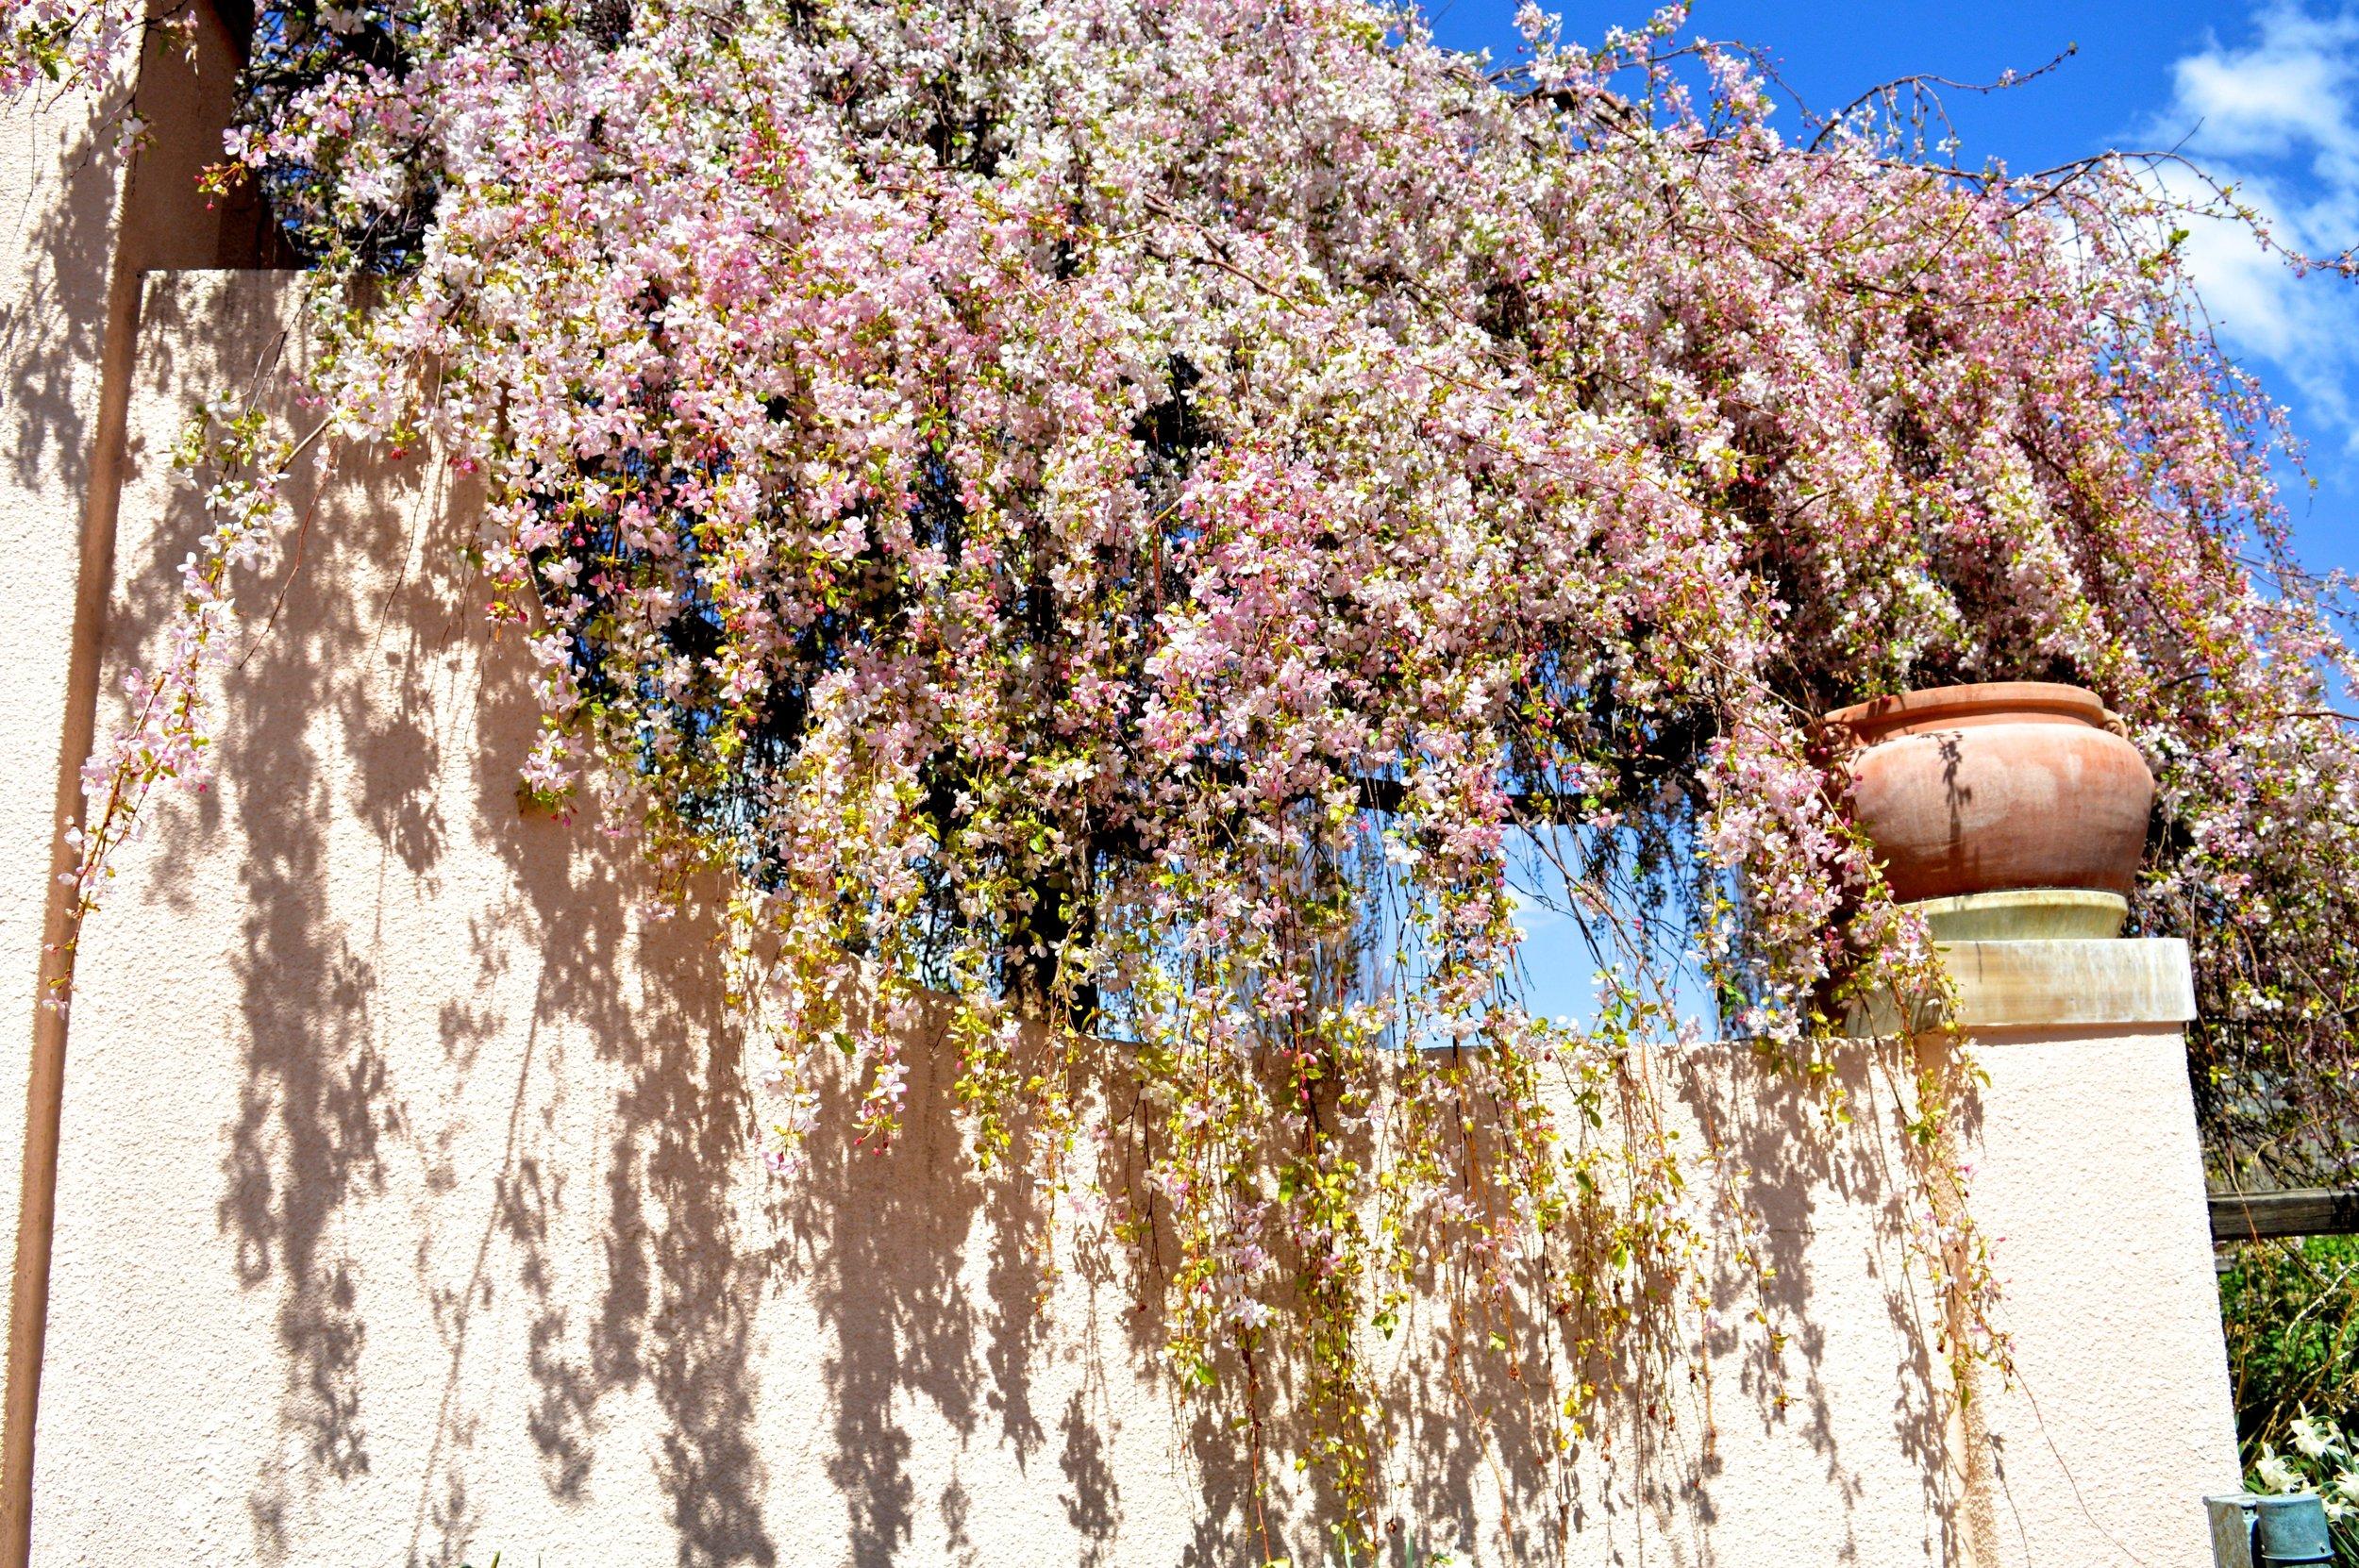 denver-botanic-gardens-April-13-24.jpg